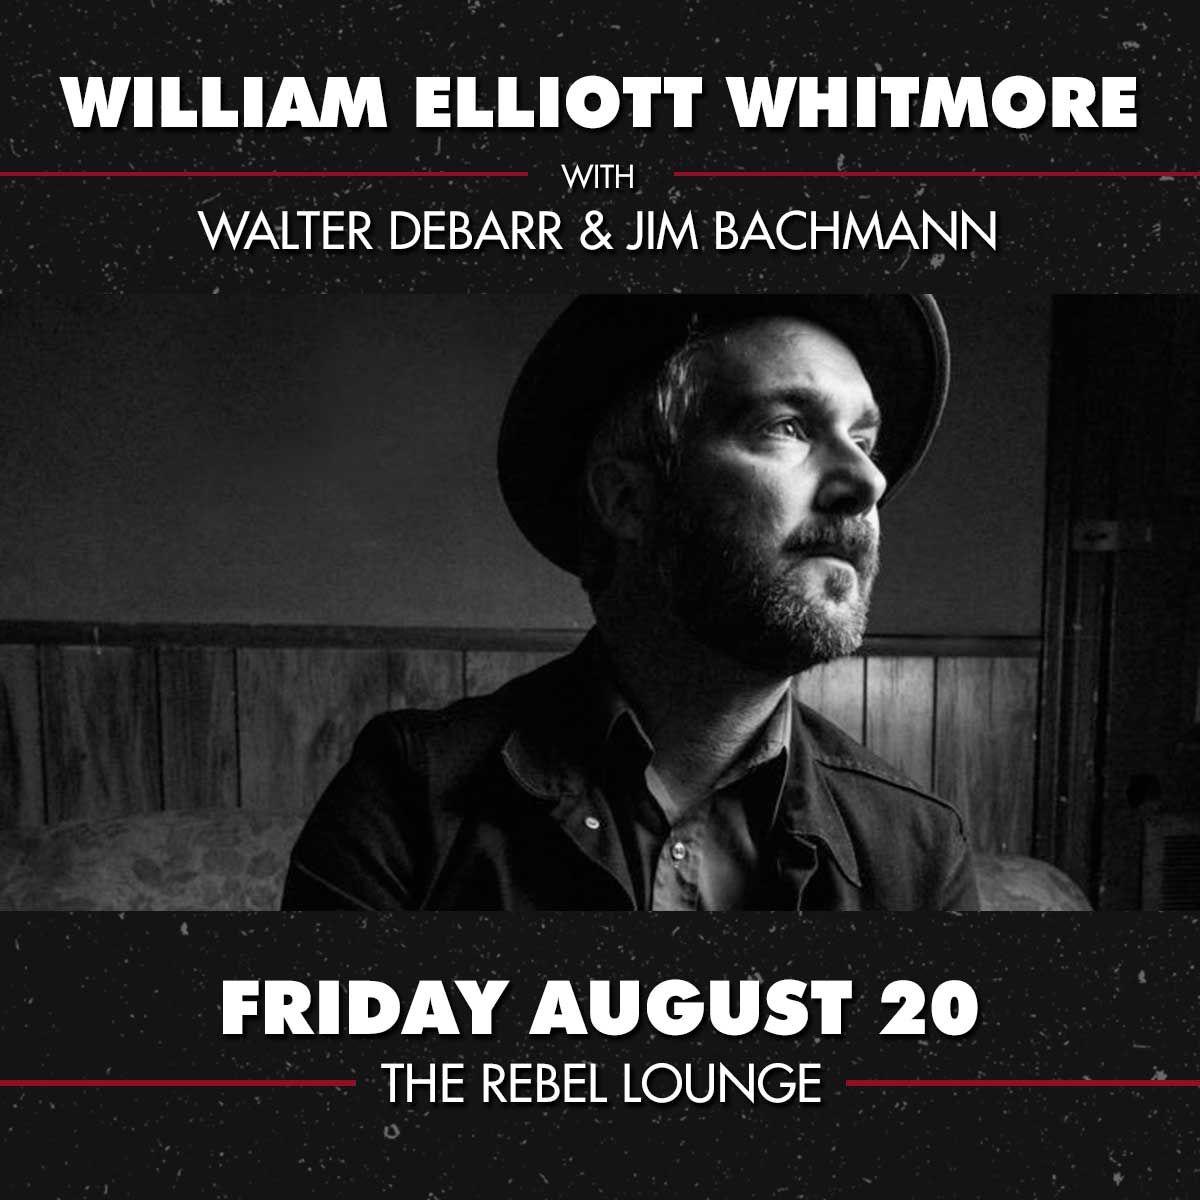 WILLIAM ELLIOTT WHITMORE: